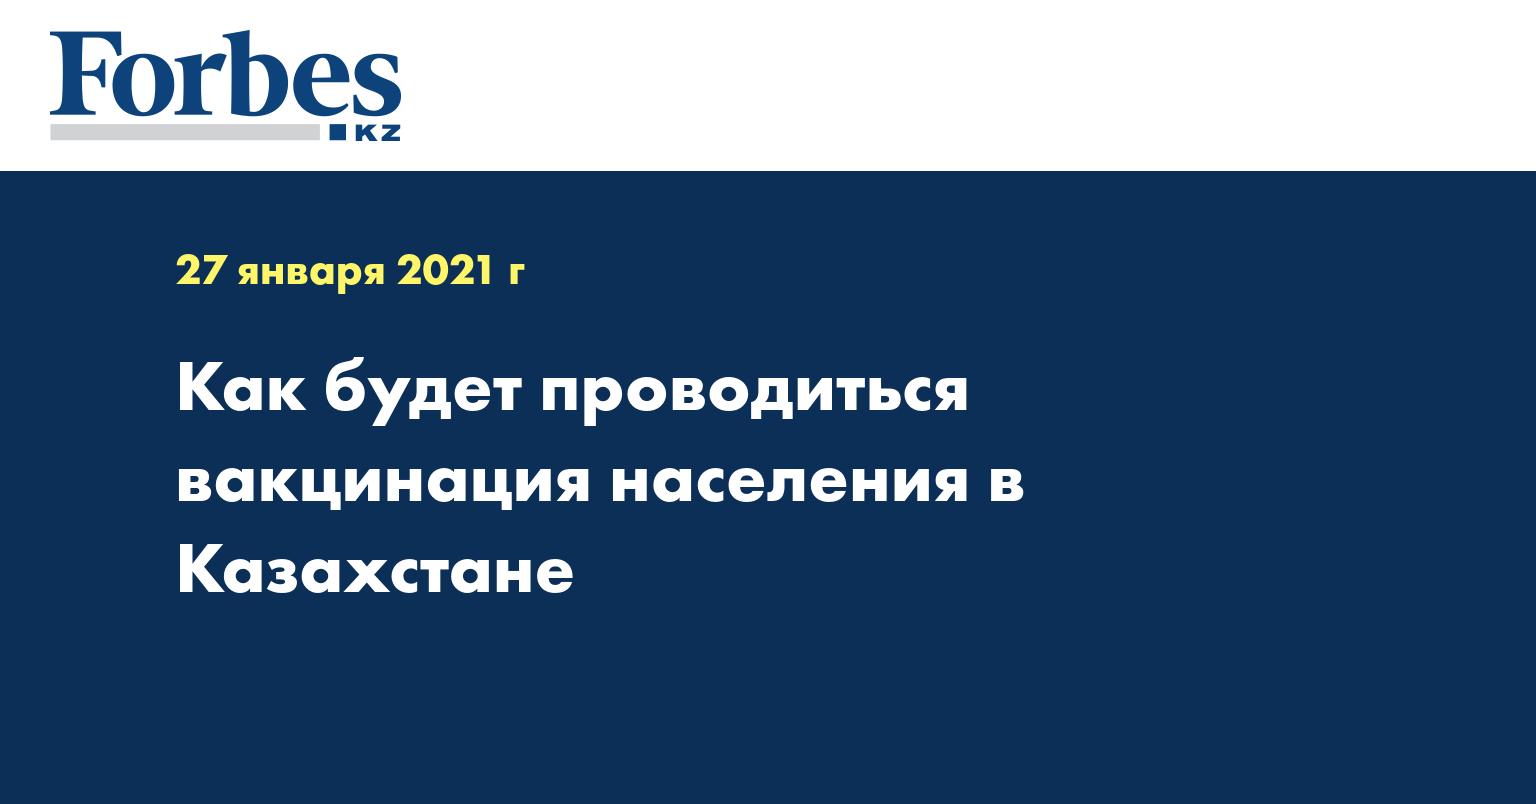 Как будет проводиться вакцинация населения в Казахстане